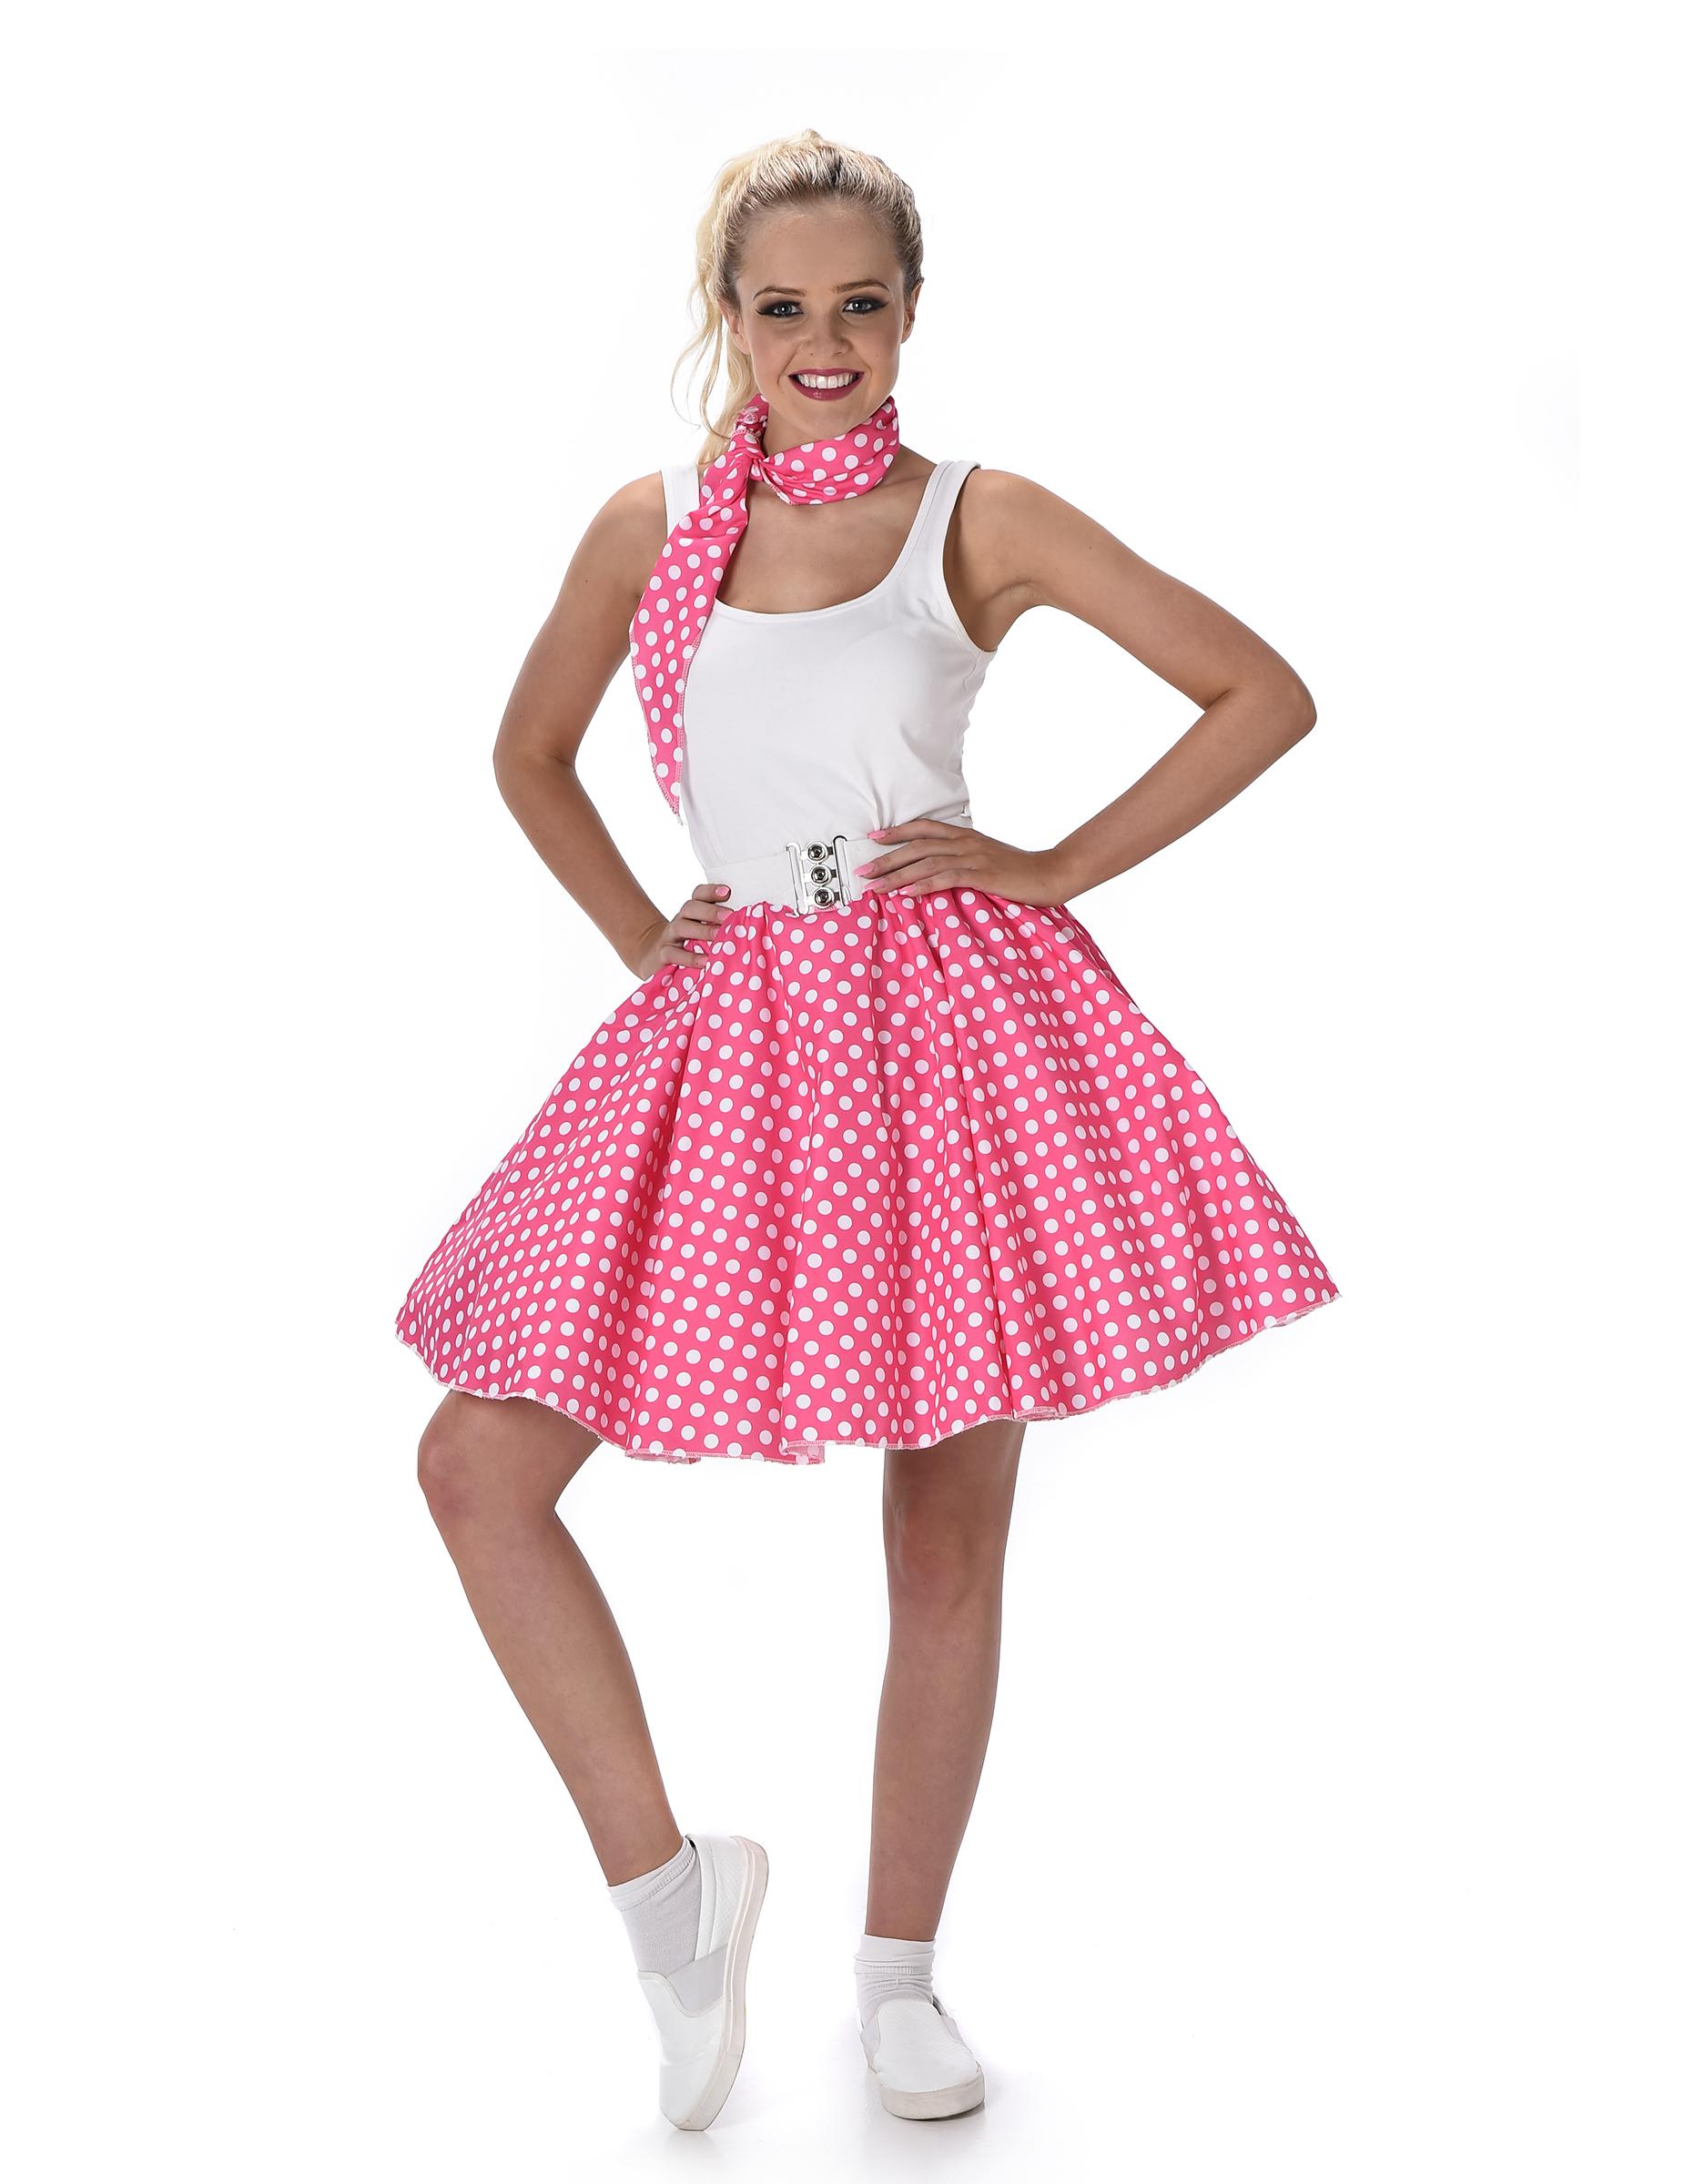 Roze Carnavalskleding Dames.Roze Jaren 50 Kostuum Met Stippen Voor Vrouwen Volwassenen Kostuums